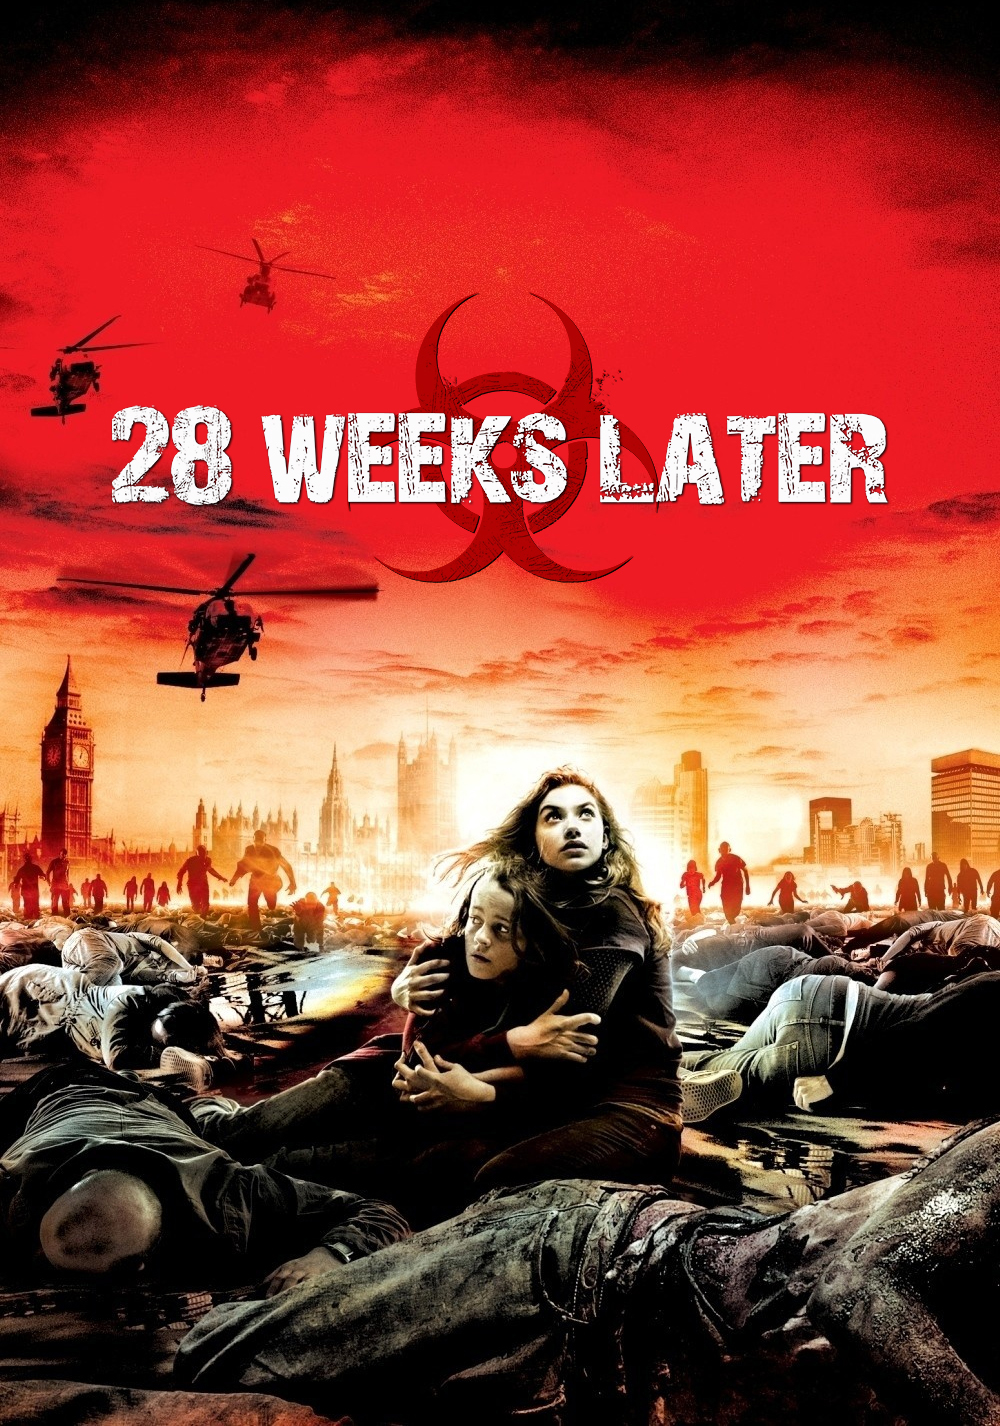 28 weeks later movie fanart fanarttv